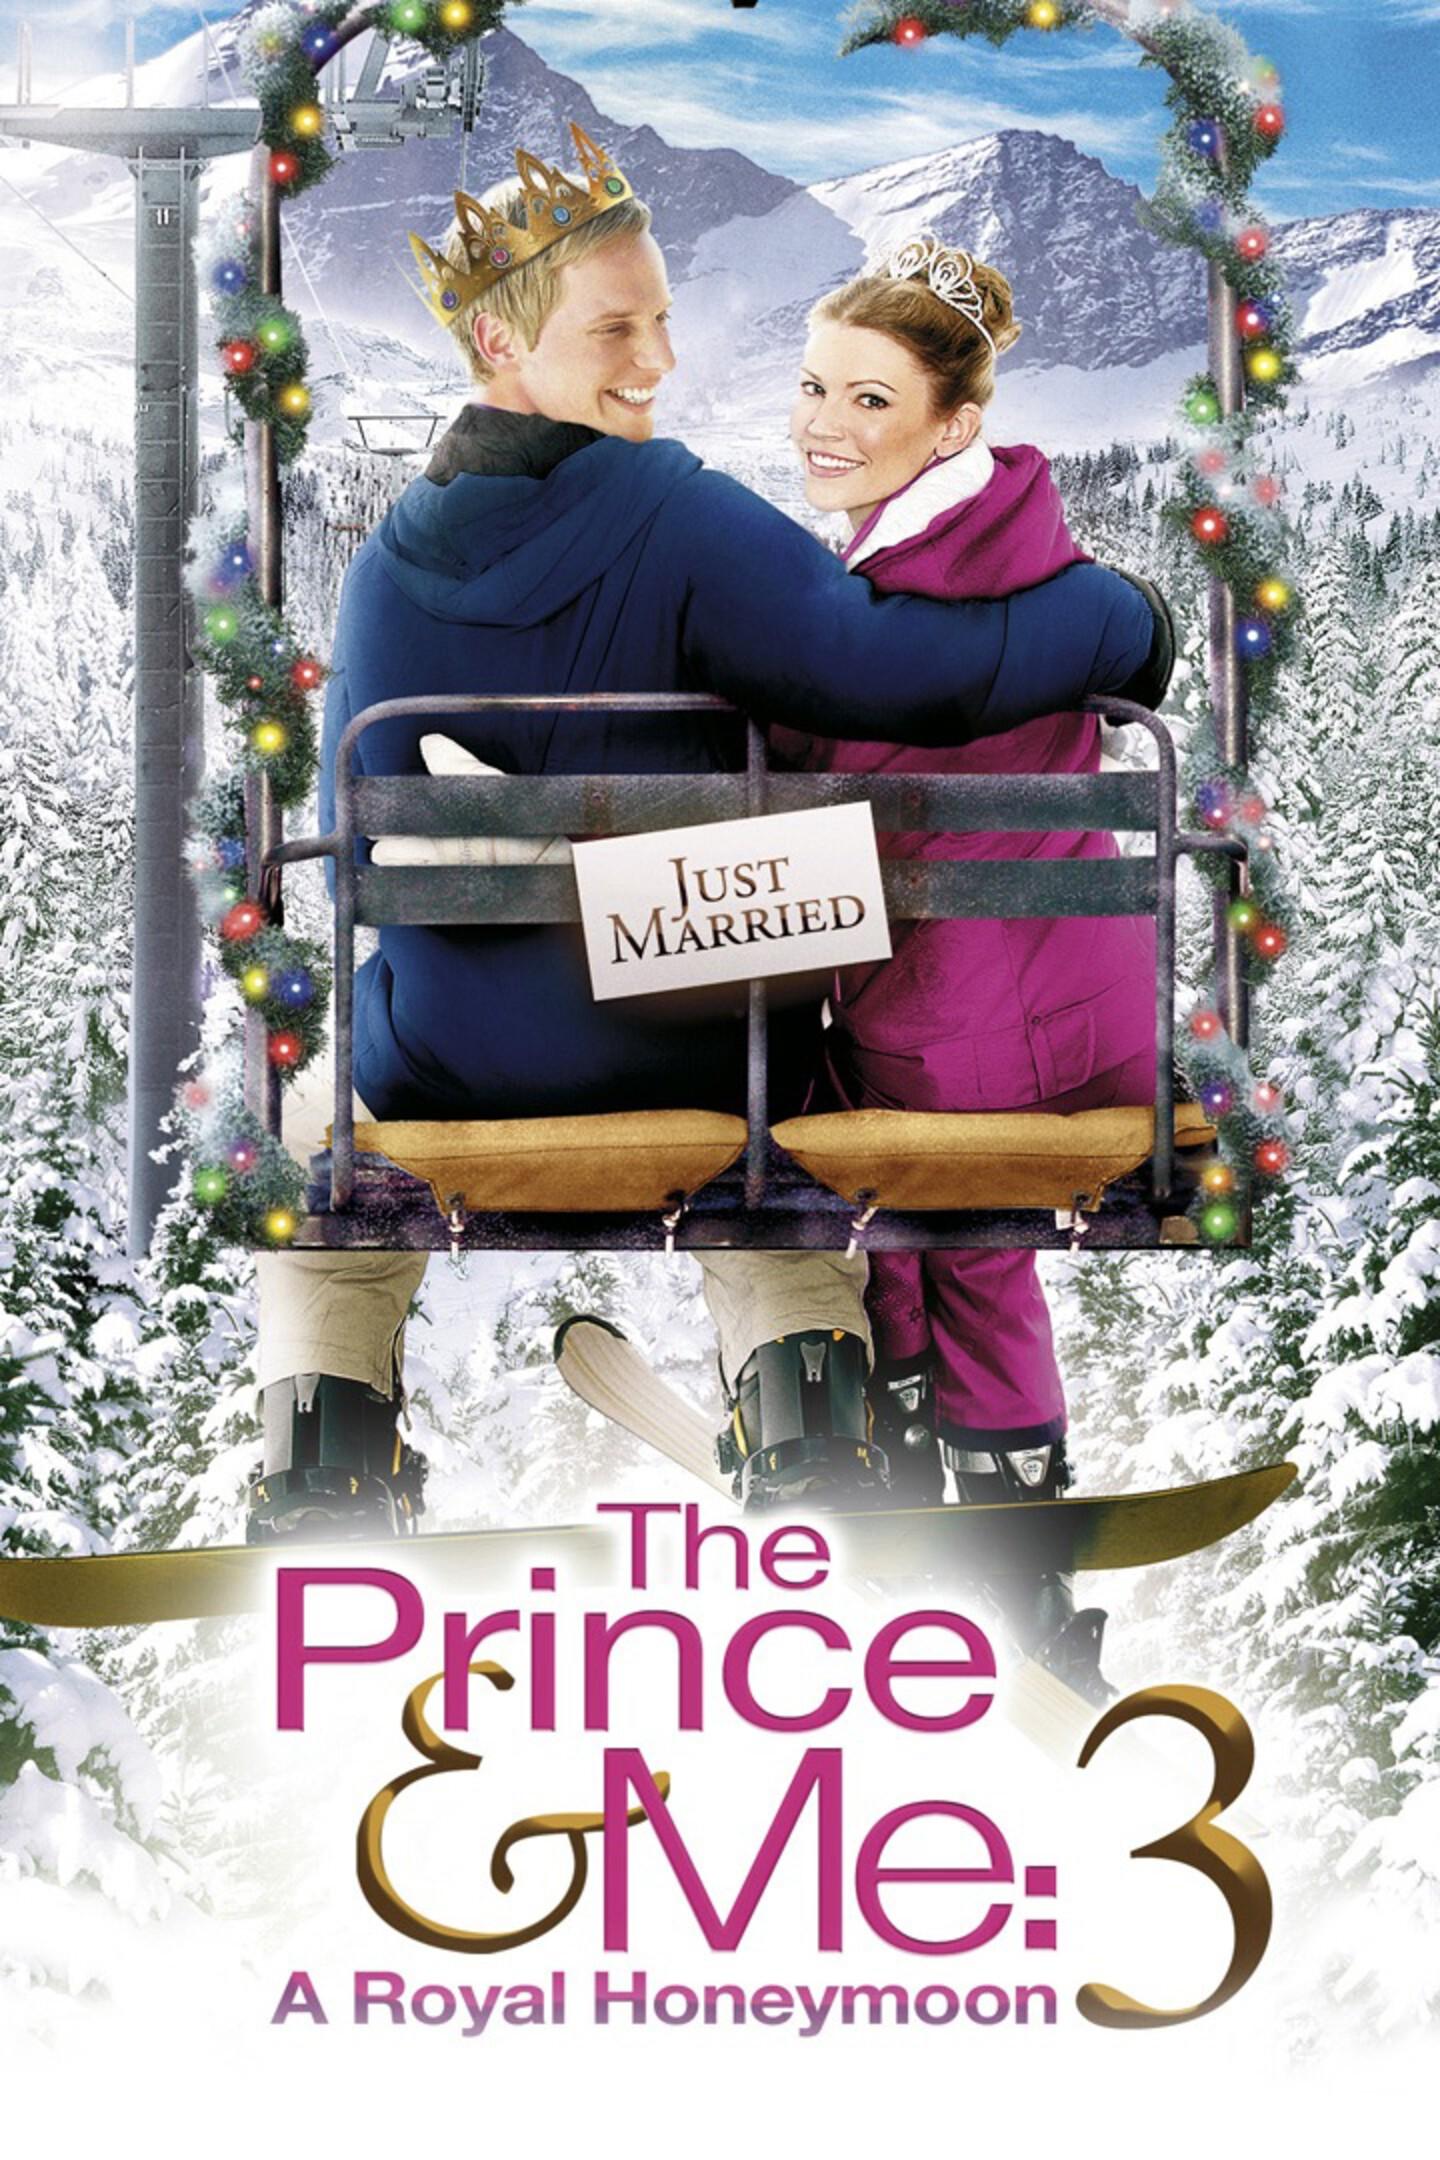 The Prince and Me 3: The Royal Honeymoon